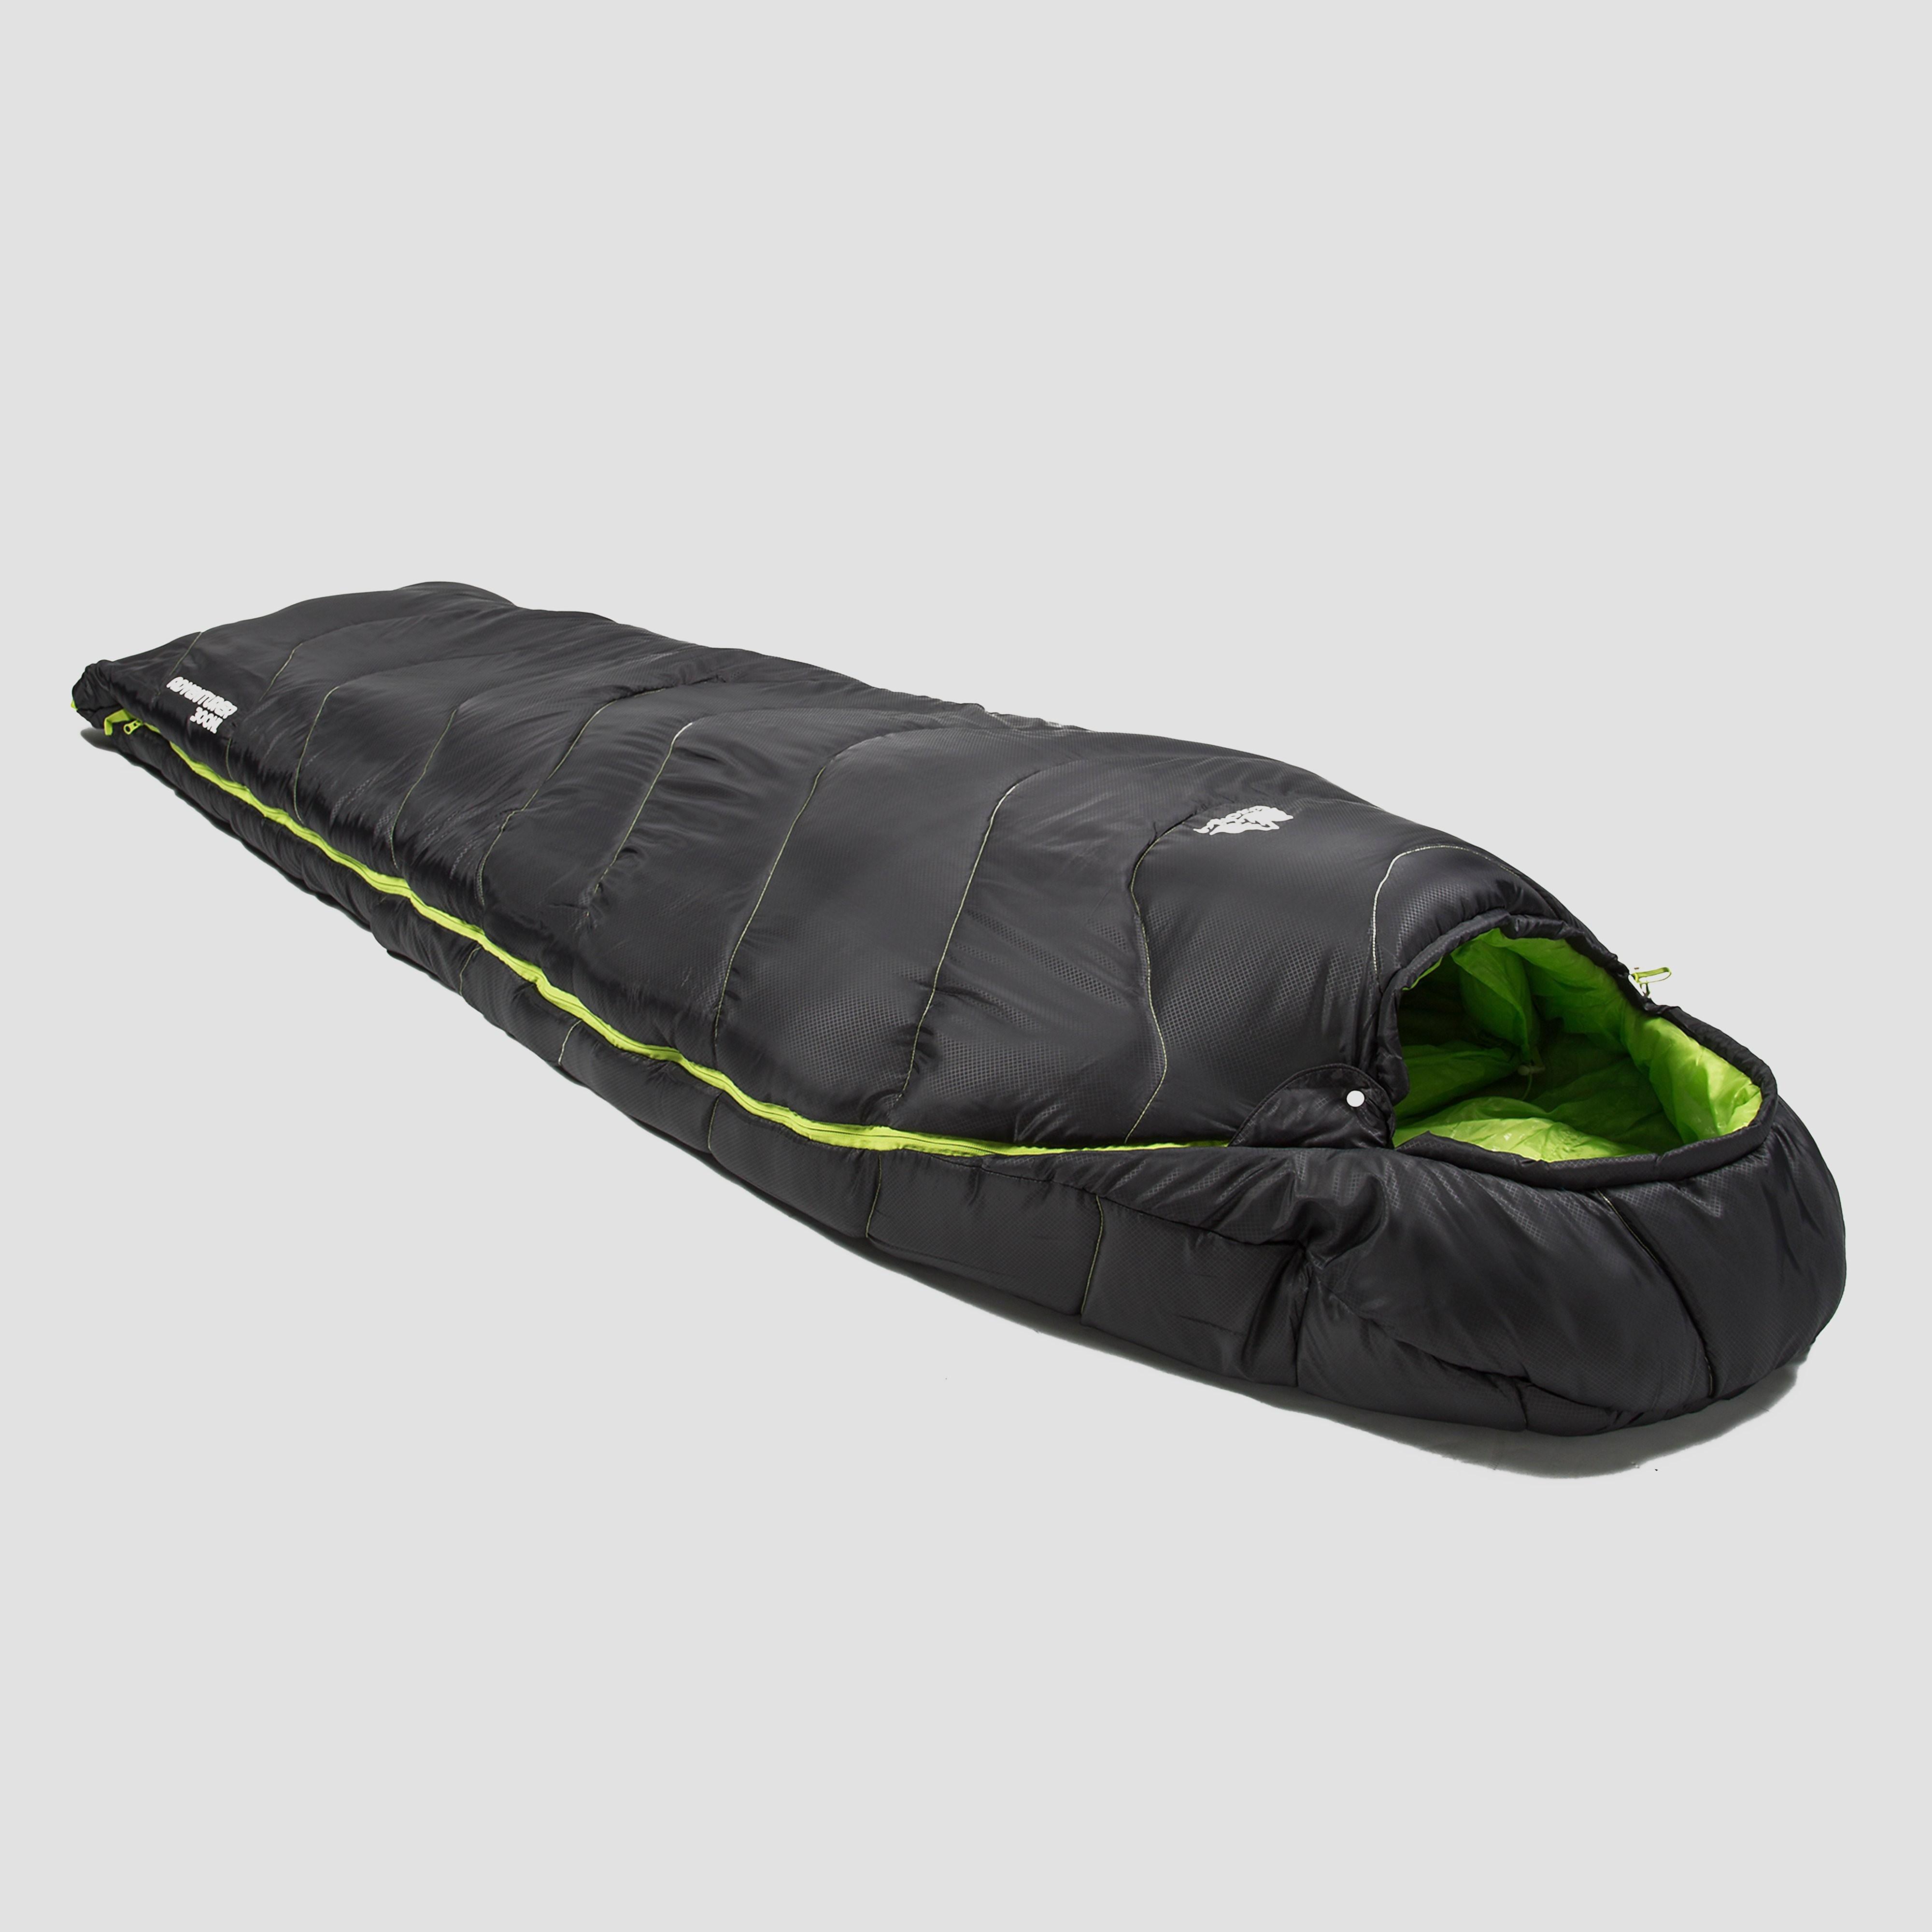 EUROHIKE Adventurer 300XL Sleeping Bag